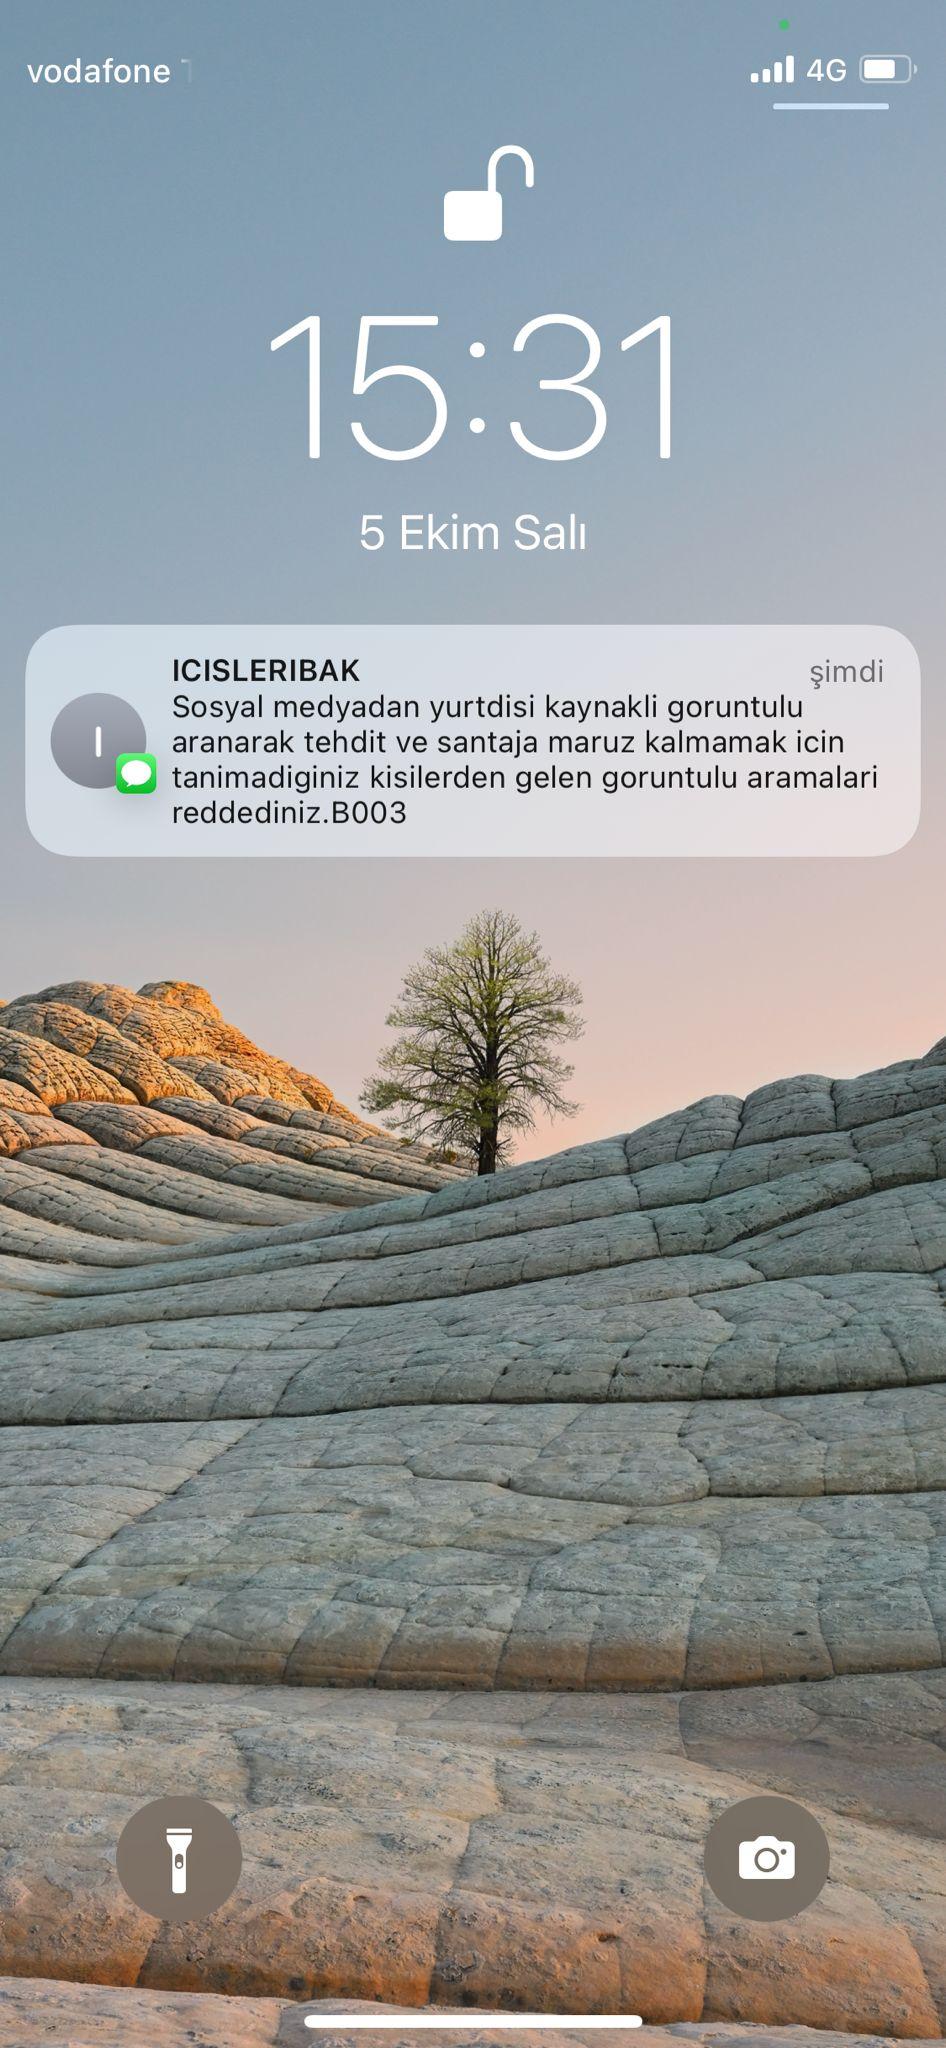 Çeşitli olaylara karşı sık sık vatandaşlara SMS yoluyla bilgilendirmede bulunan İçişleri Bakanlığı'ndan yeni bir uyarı geldi. Kullanıcıları öğleden sonra gönderdiği mesaj yoluyla yurtdışı kaynaklı tehdit ve şantajlara karşı uyaran bakanlık, görüntülü aramalara dikkat çekti.   Sungurlu Haber